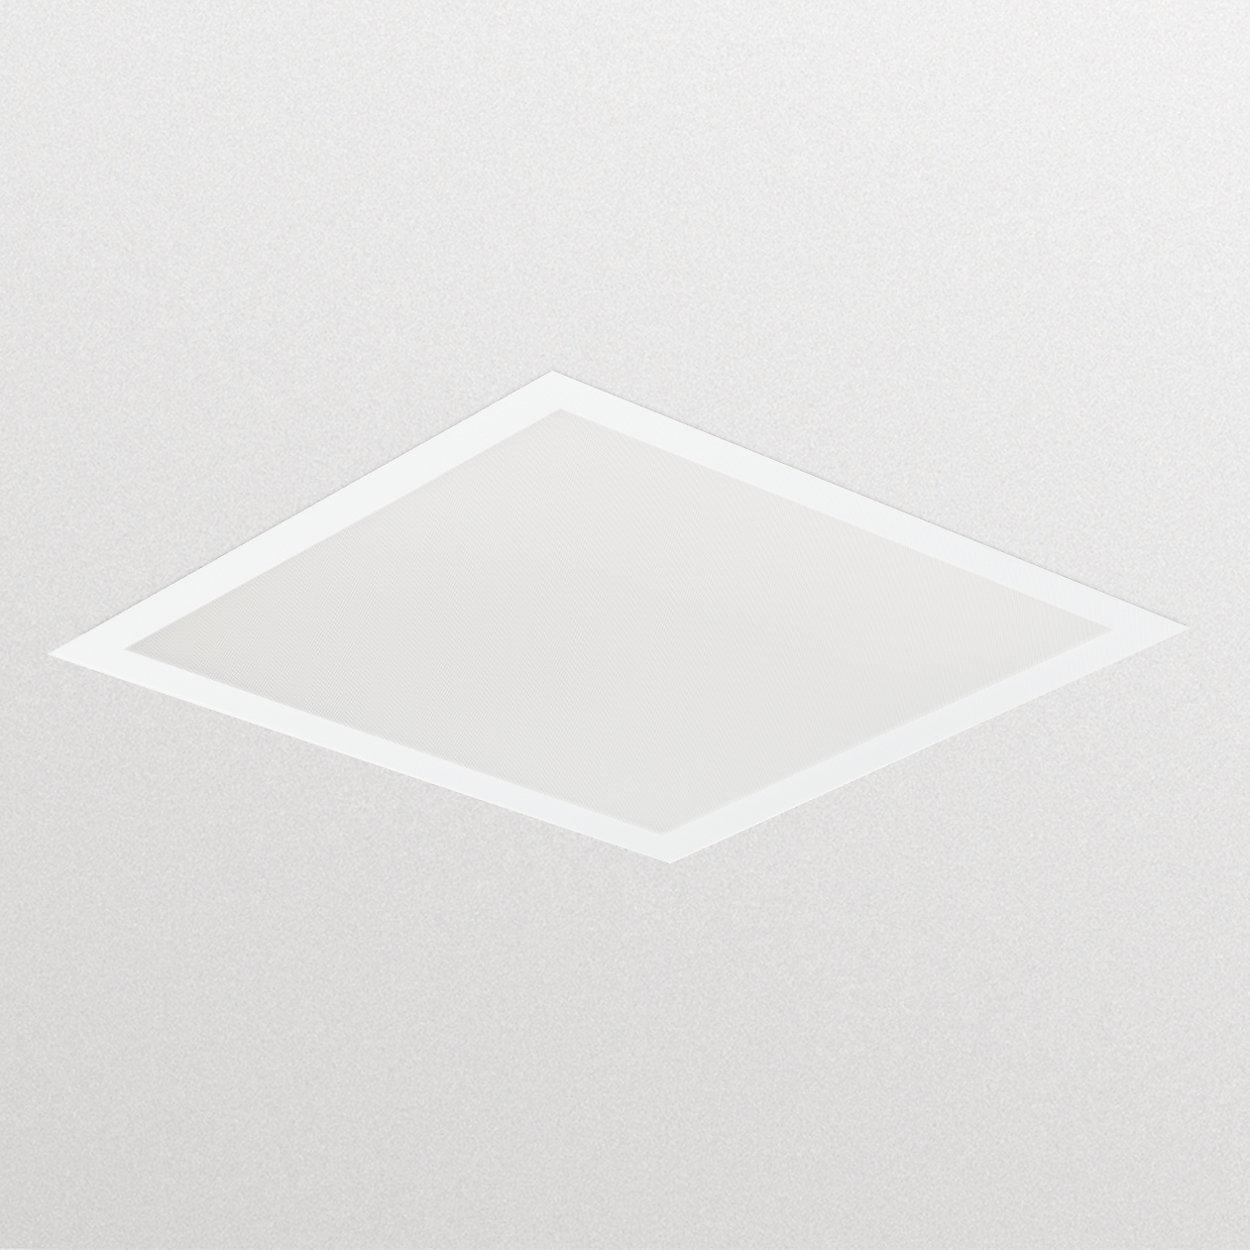 SlimBlend Carré - Hautes performances, commande avancée